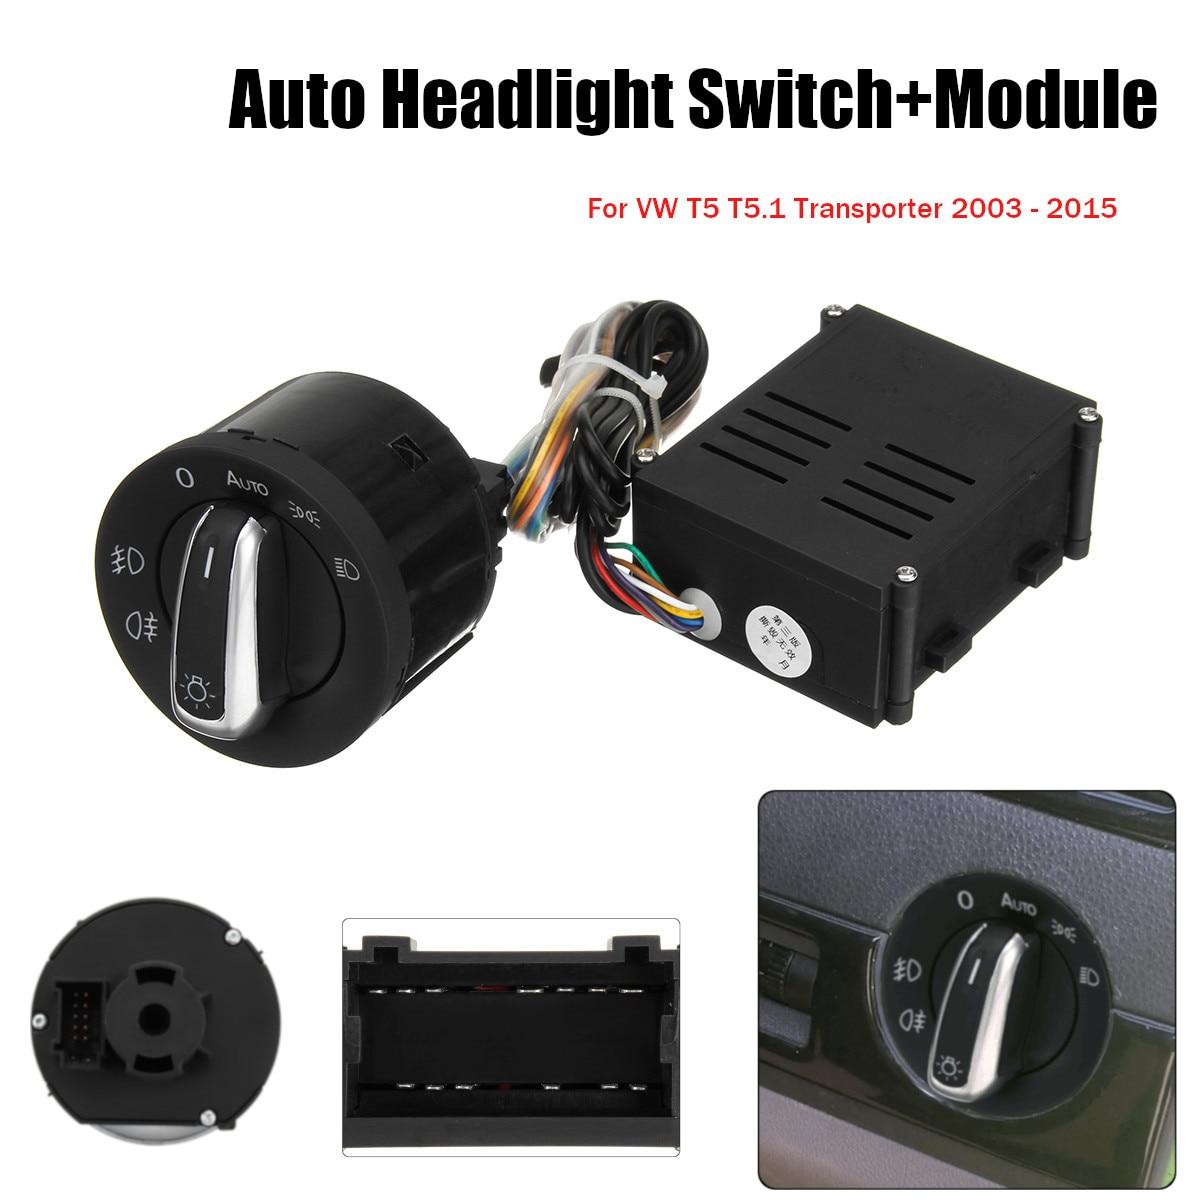 Автомобиль Автоматический Датчик фары переключатель фар + Управление модуль для VW T5 T5.1 транспортер 2003-2015